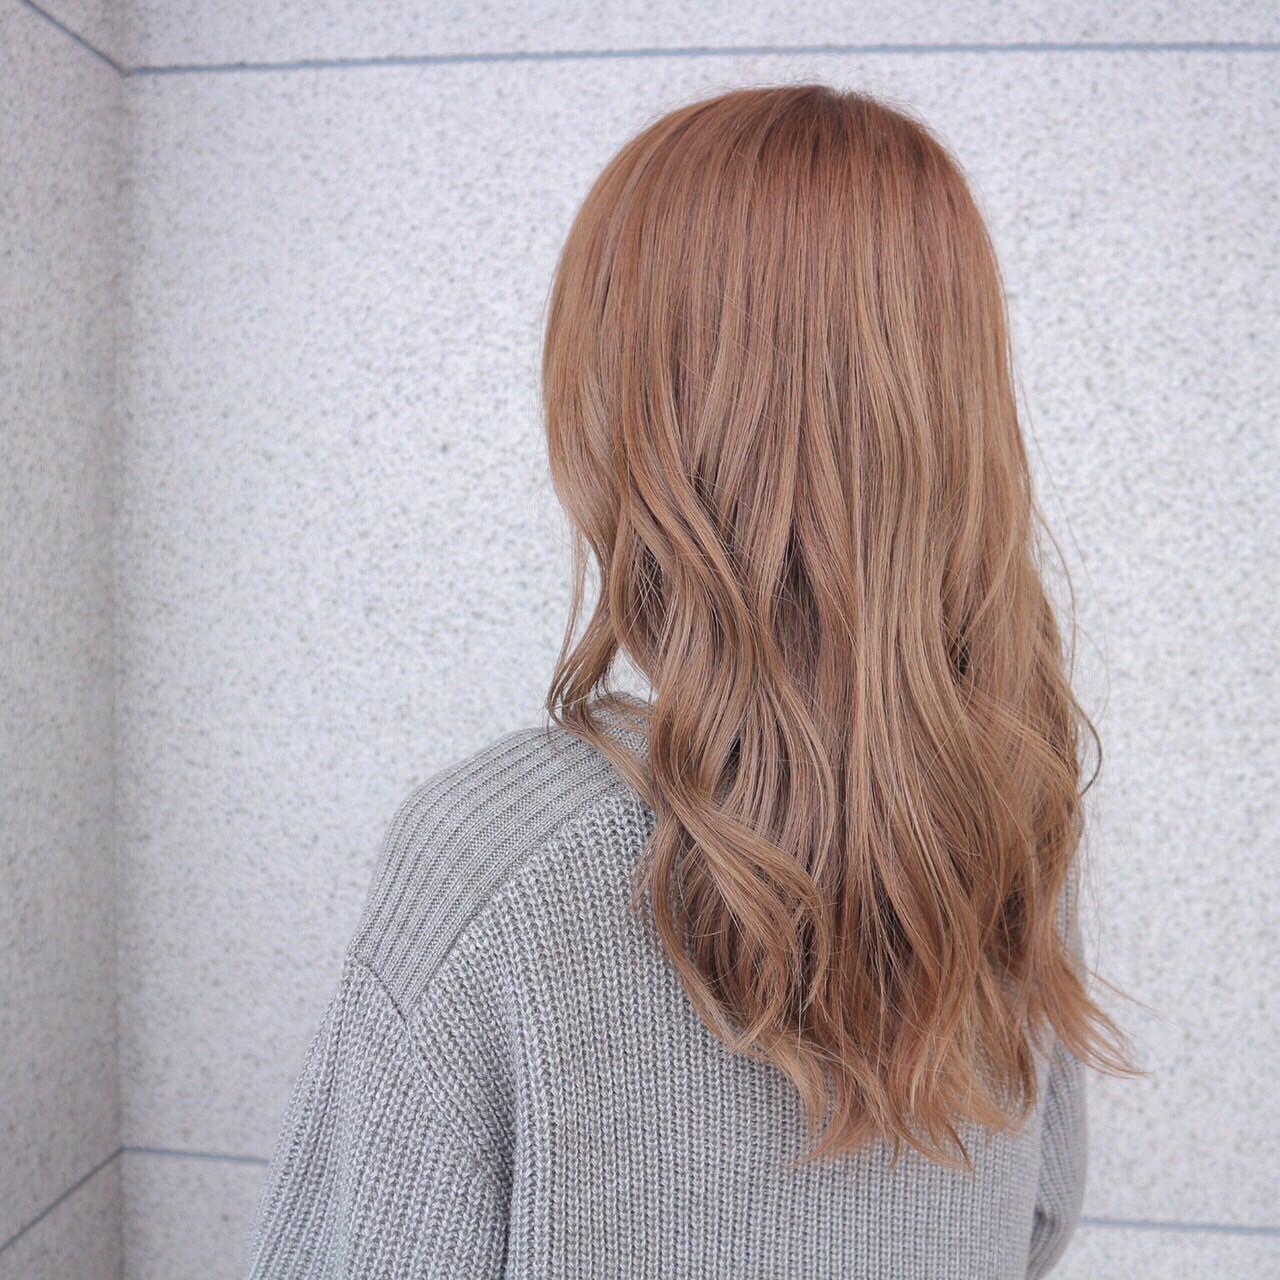 外国人風カラー ガーリー ヘアオイル アッシュグレージュ ヘアスタイルや髪型の写真・画像